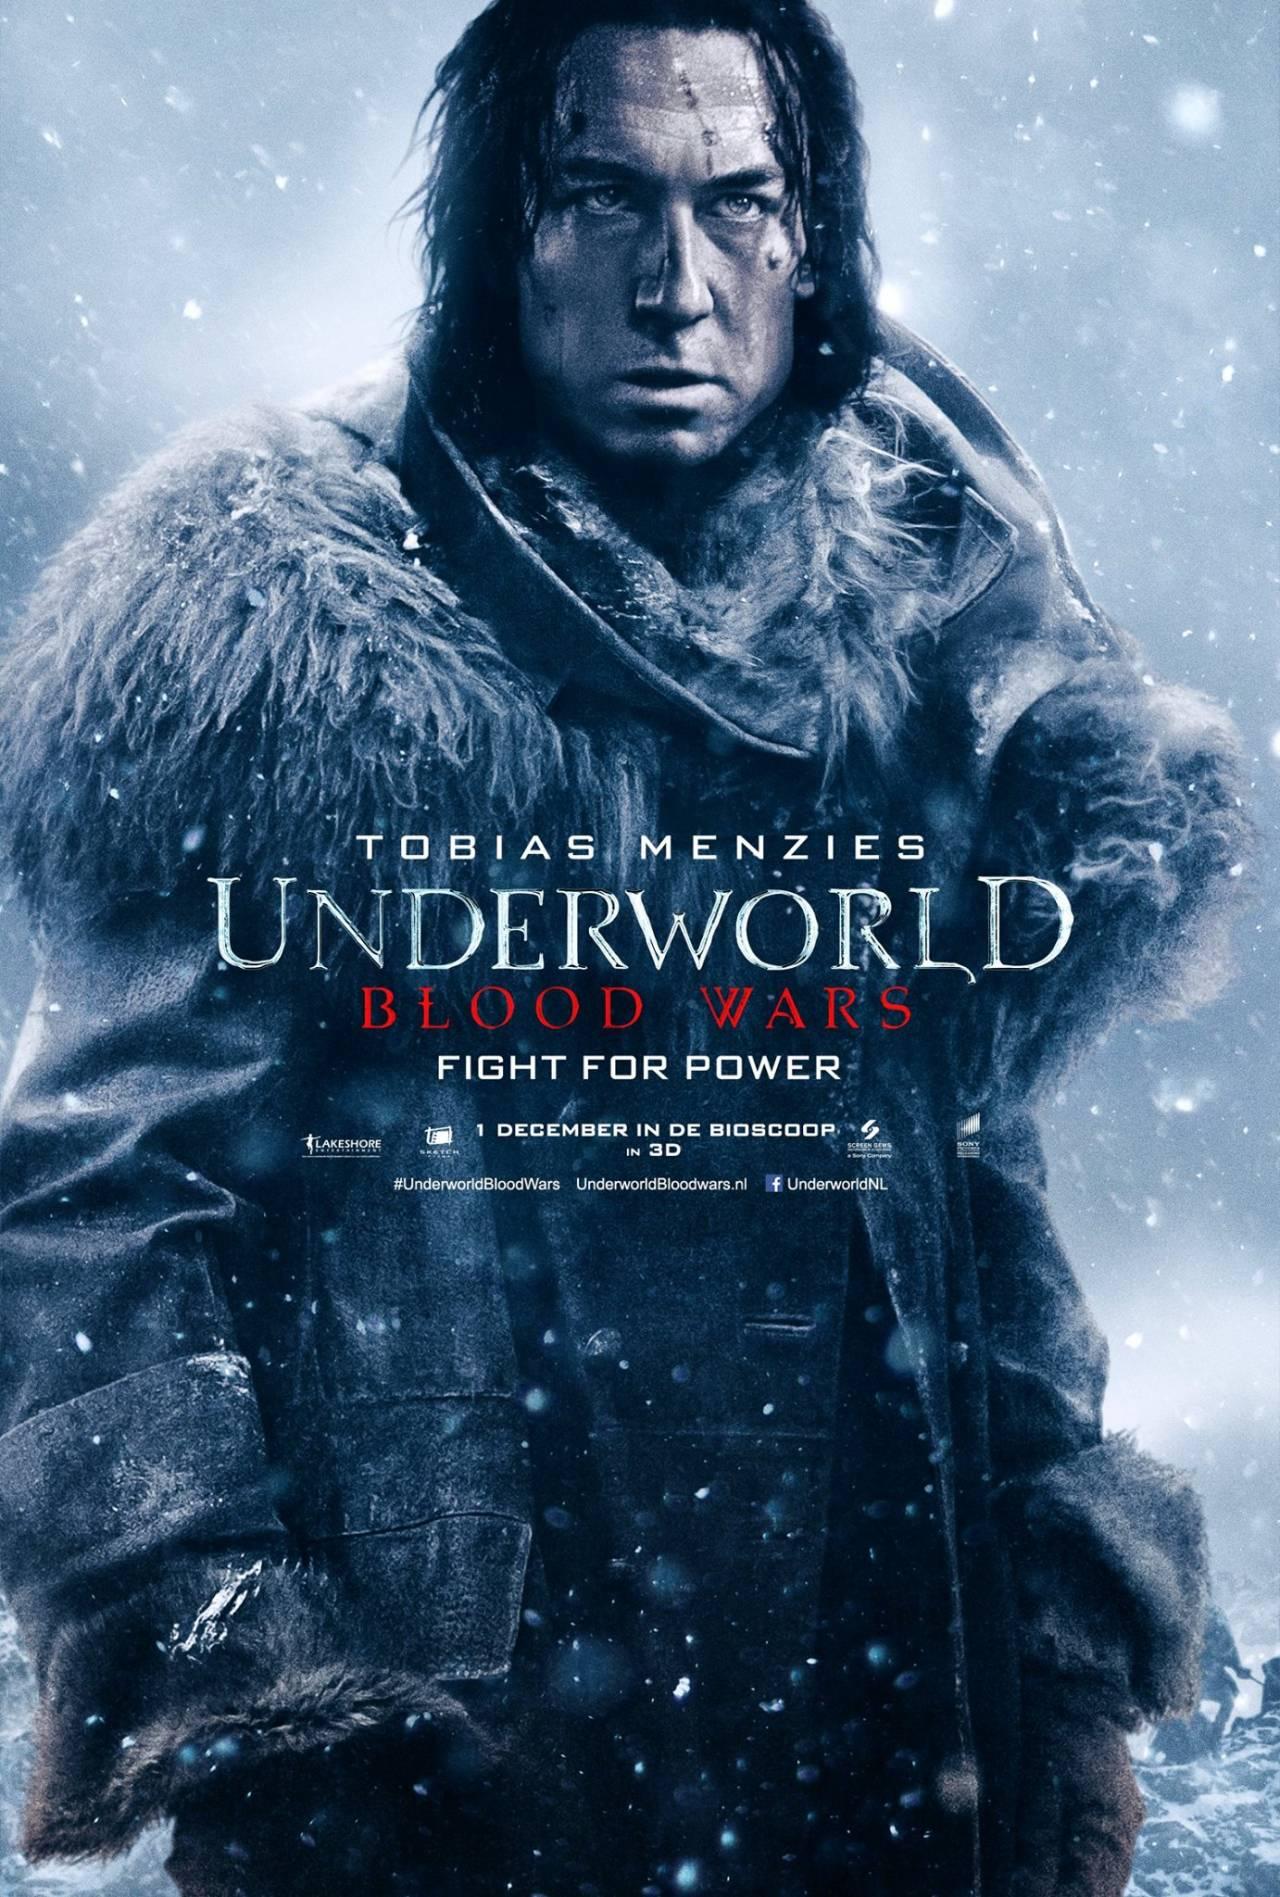 underworld-blood-wars-tobias-menzies